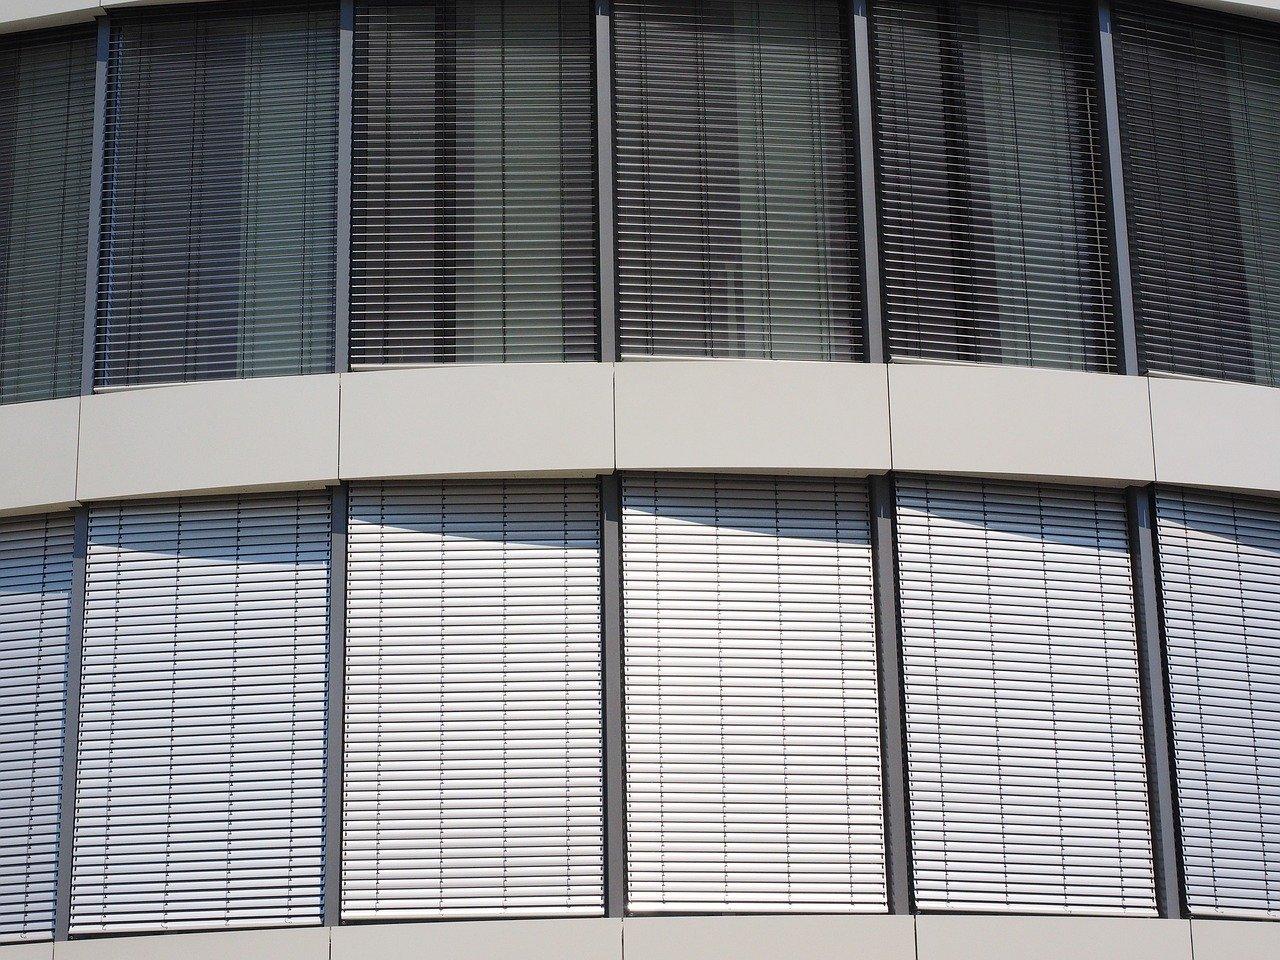 Besonders bei großen Gebäuden mit vielen Rolläden, machen Rollandenmotoren sinn.